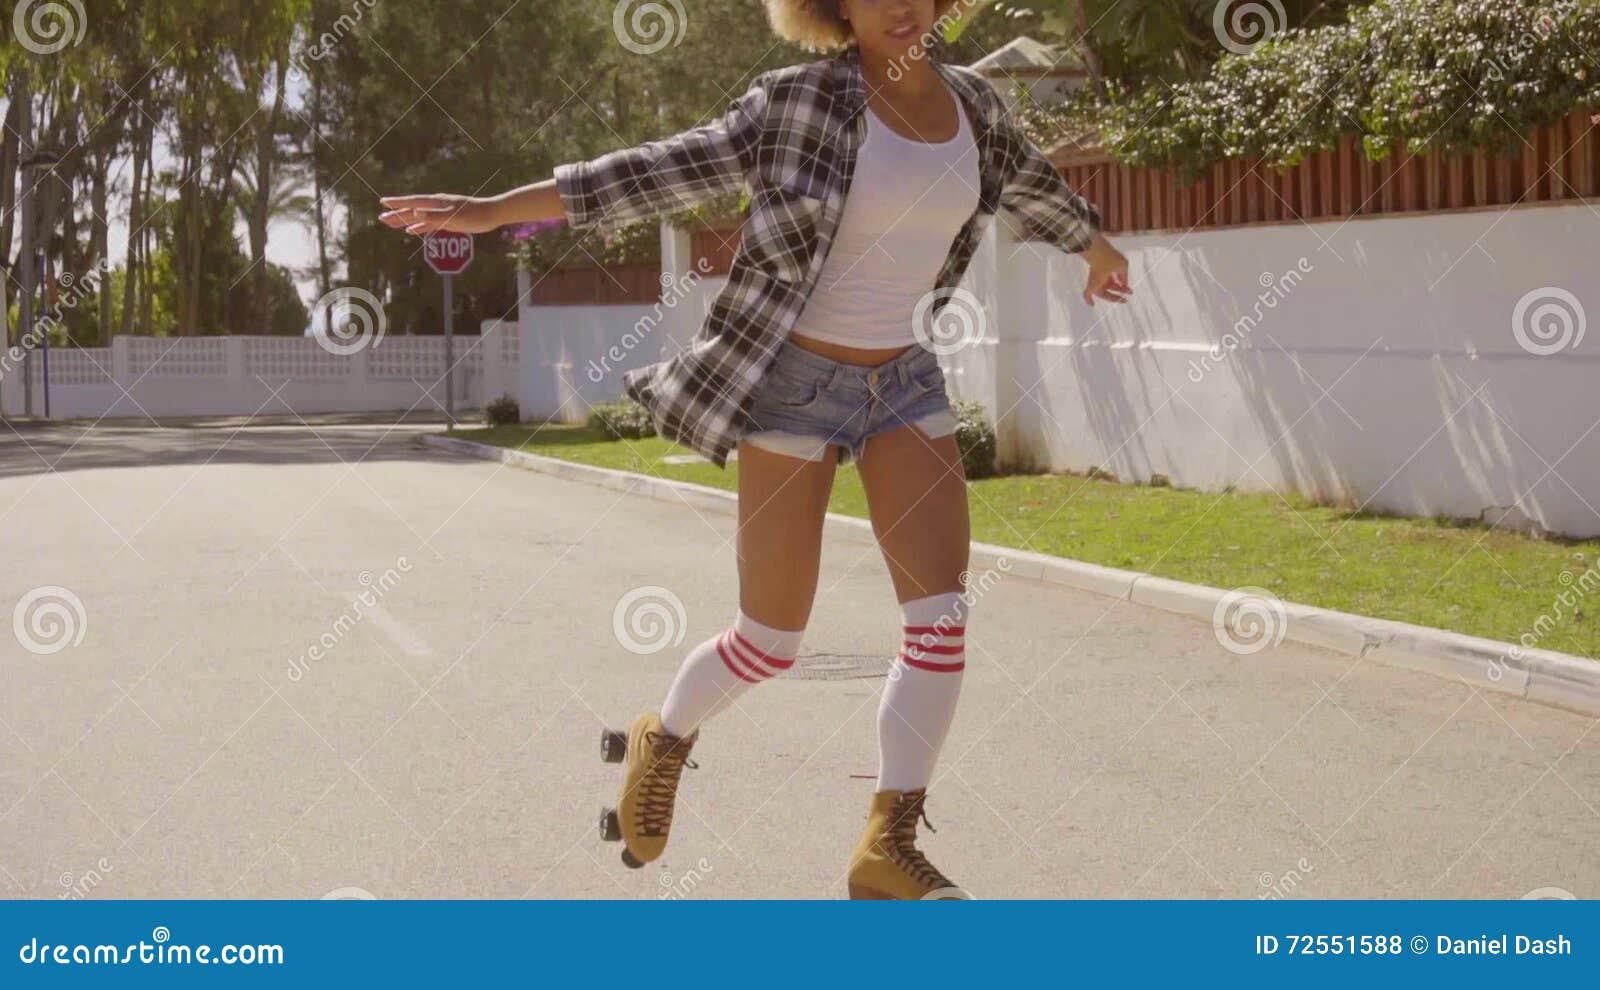 Girls in socks and roller skates